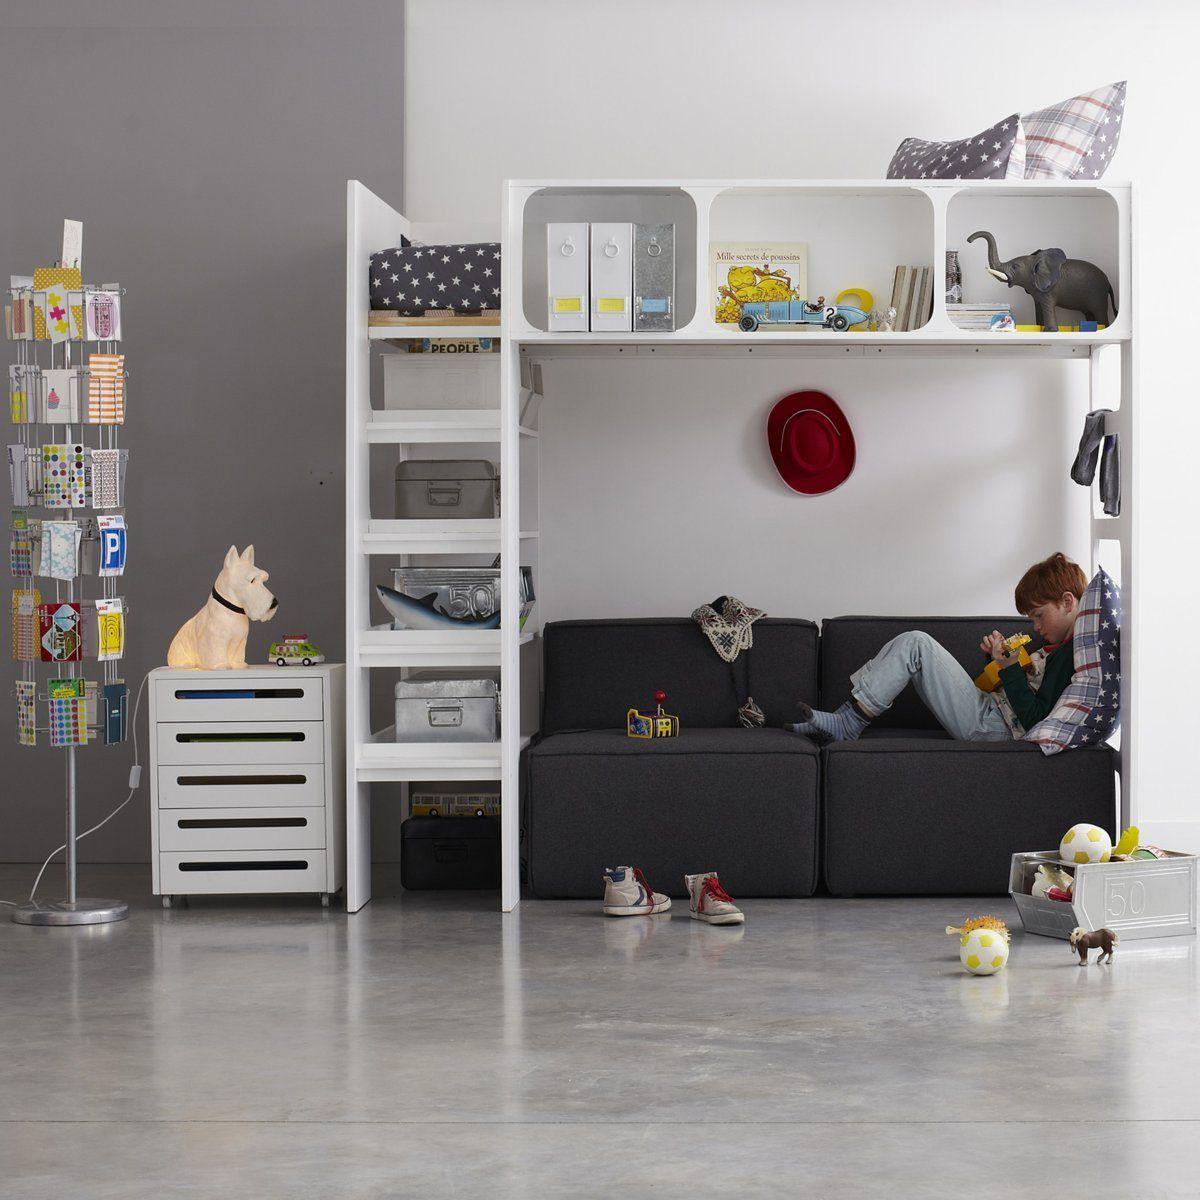 lit mezzanine duplex am pm for the home kids pinterest mono casas y hogar. Black Bedroom Furniture Sets. Home Design Ideas